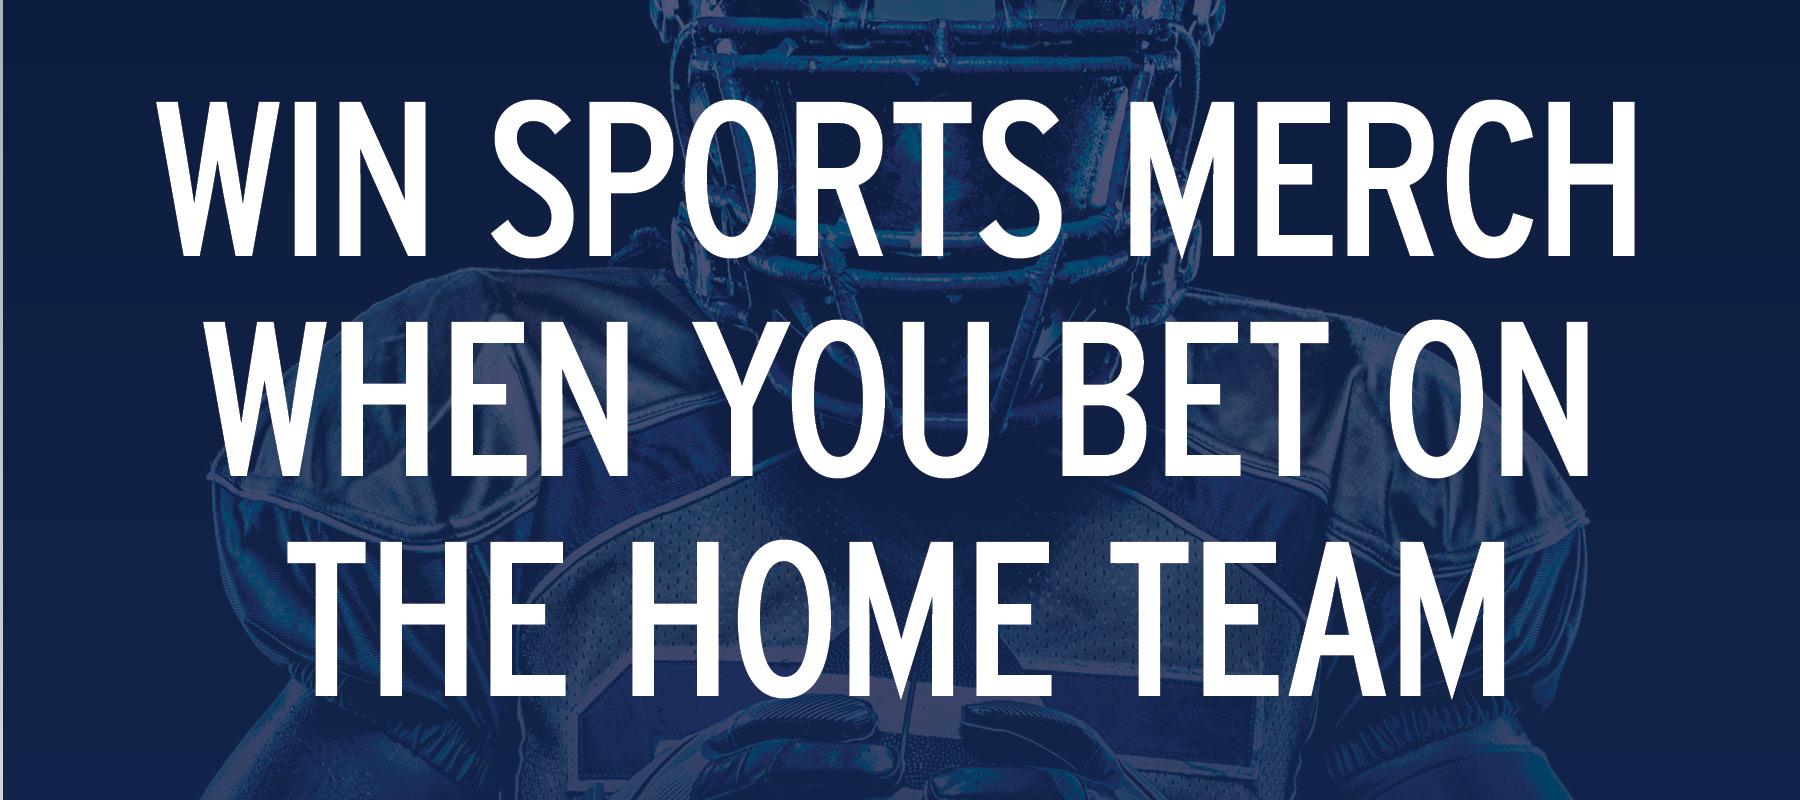 Win Sports Merchandise